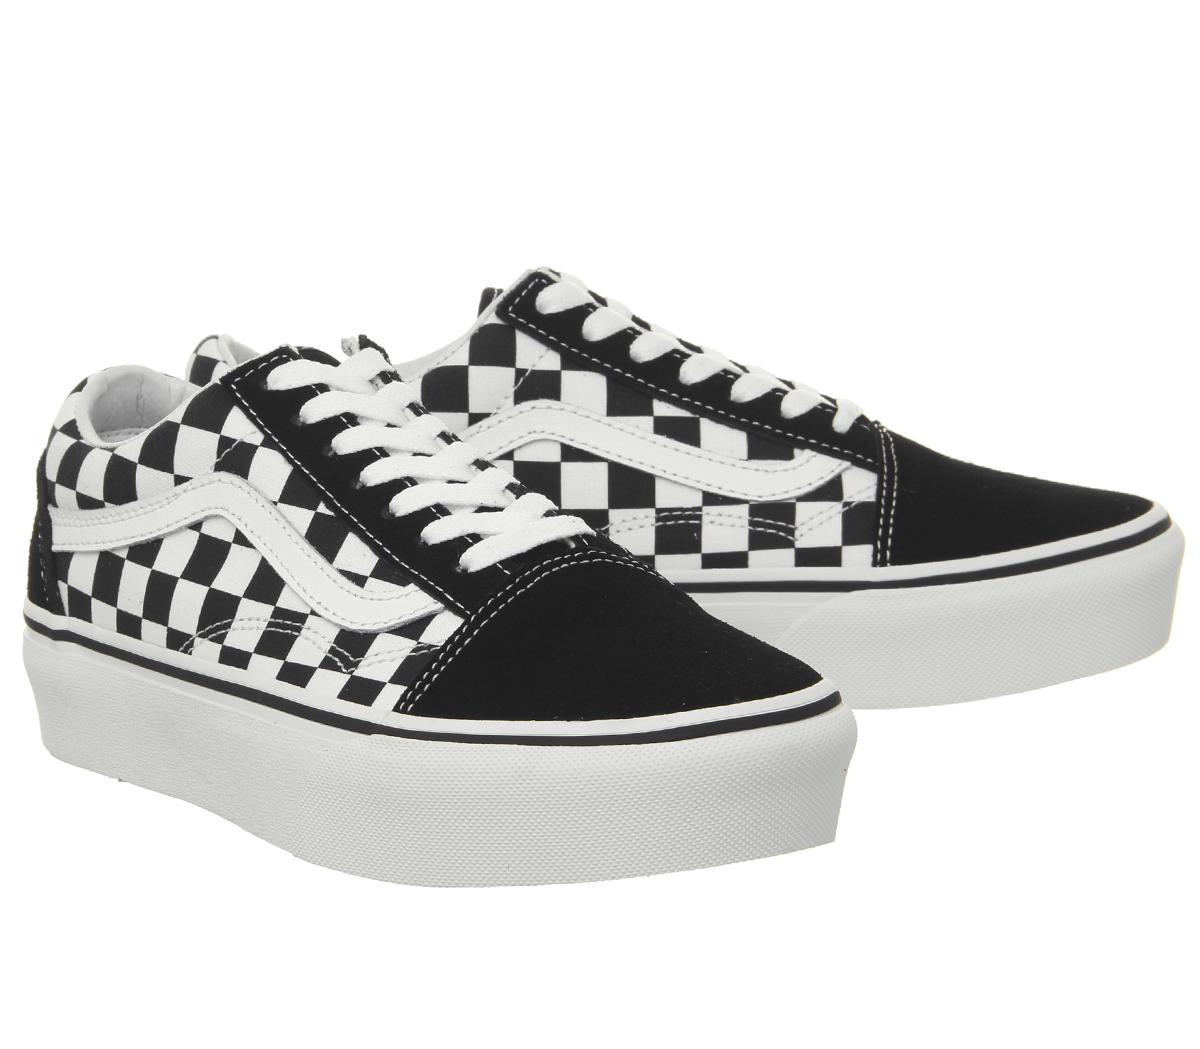 48d86b03d2 Womens Vans Old Skool Platform Trainers Black Checkerboard True ...